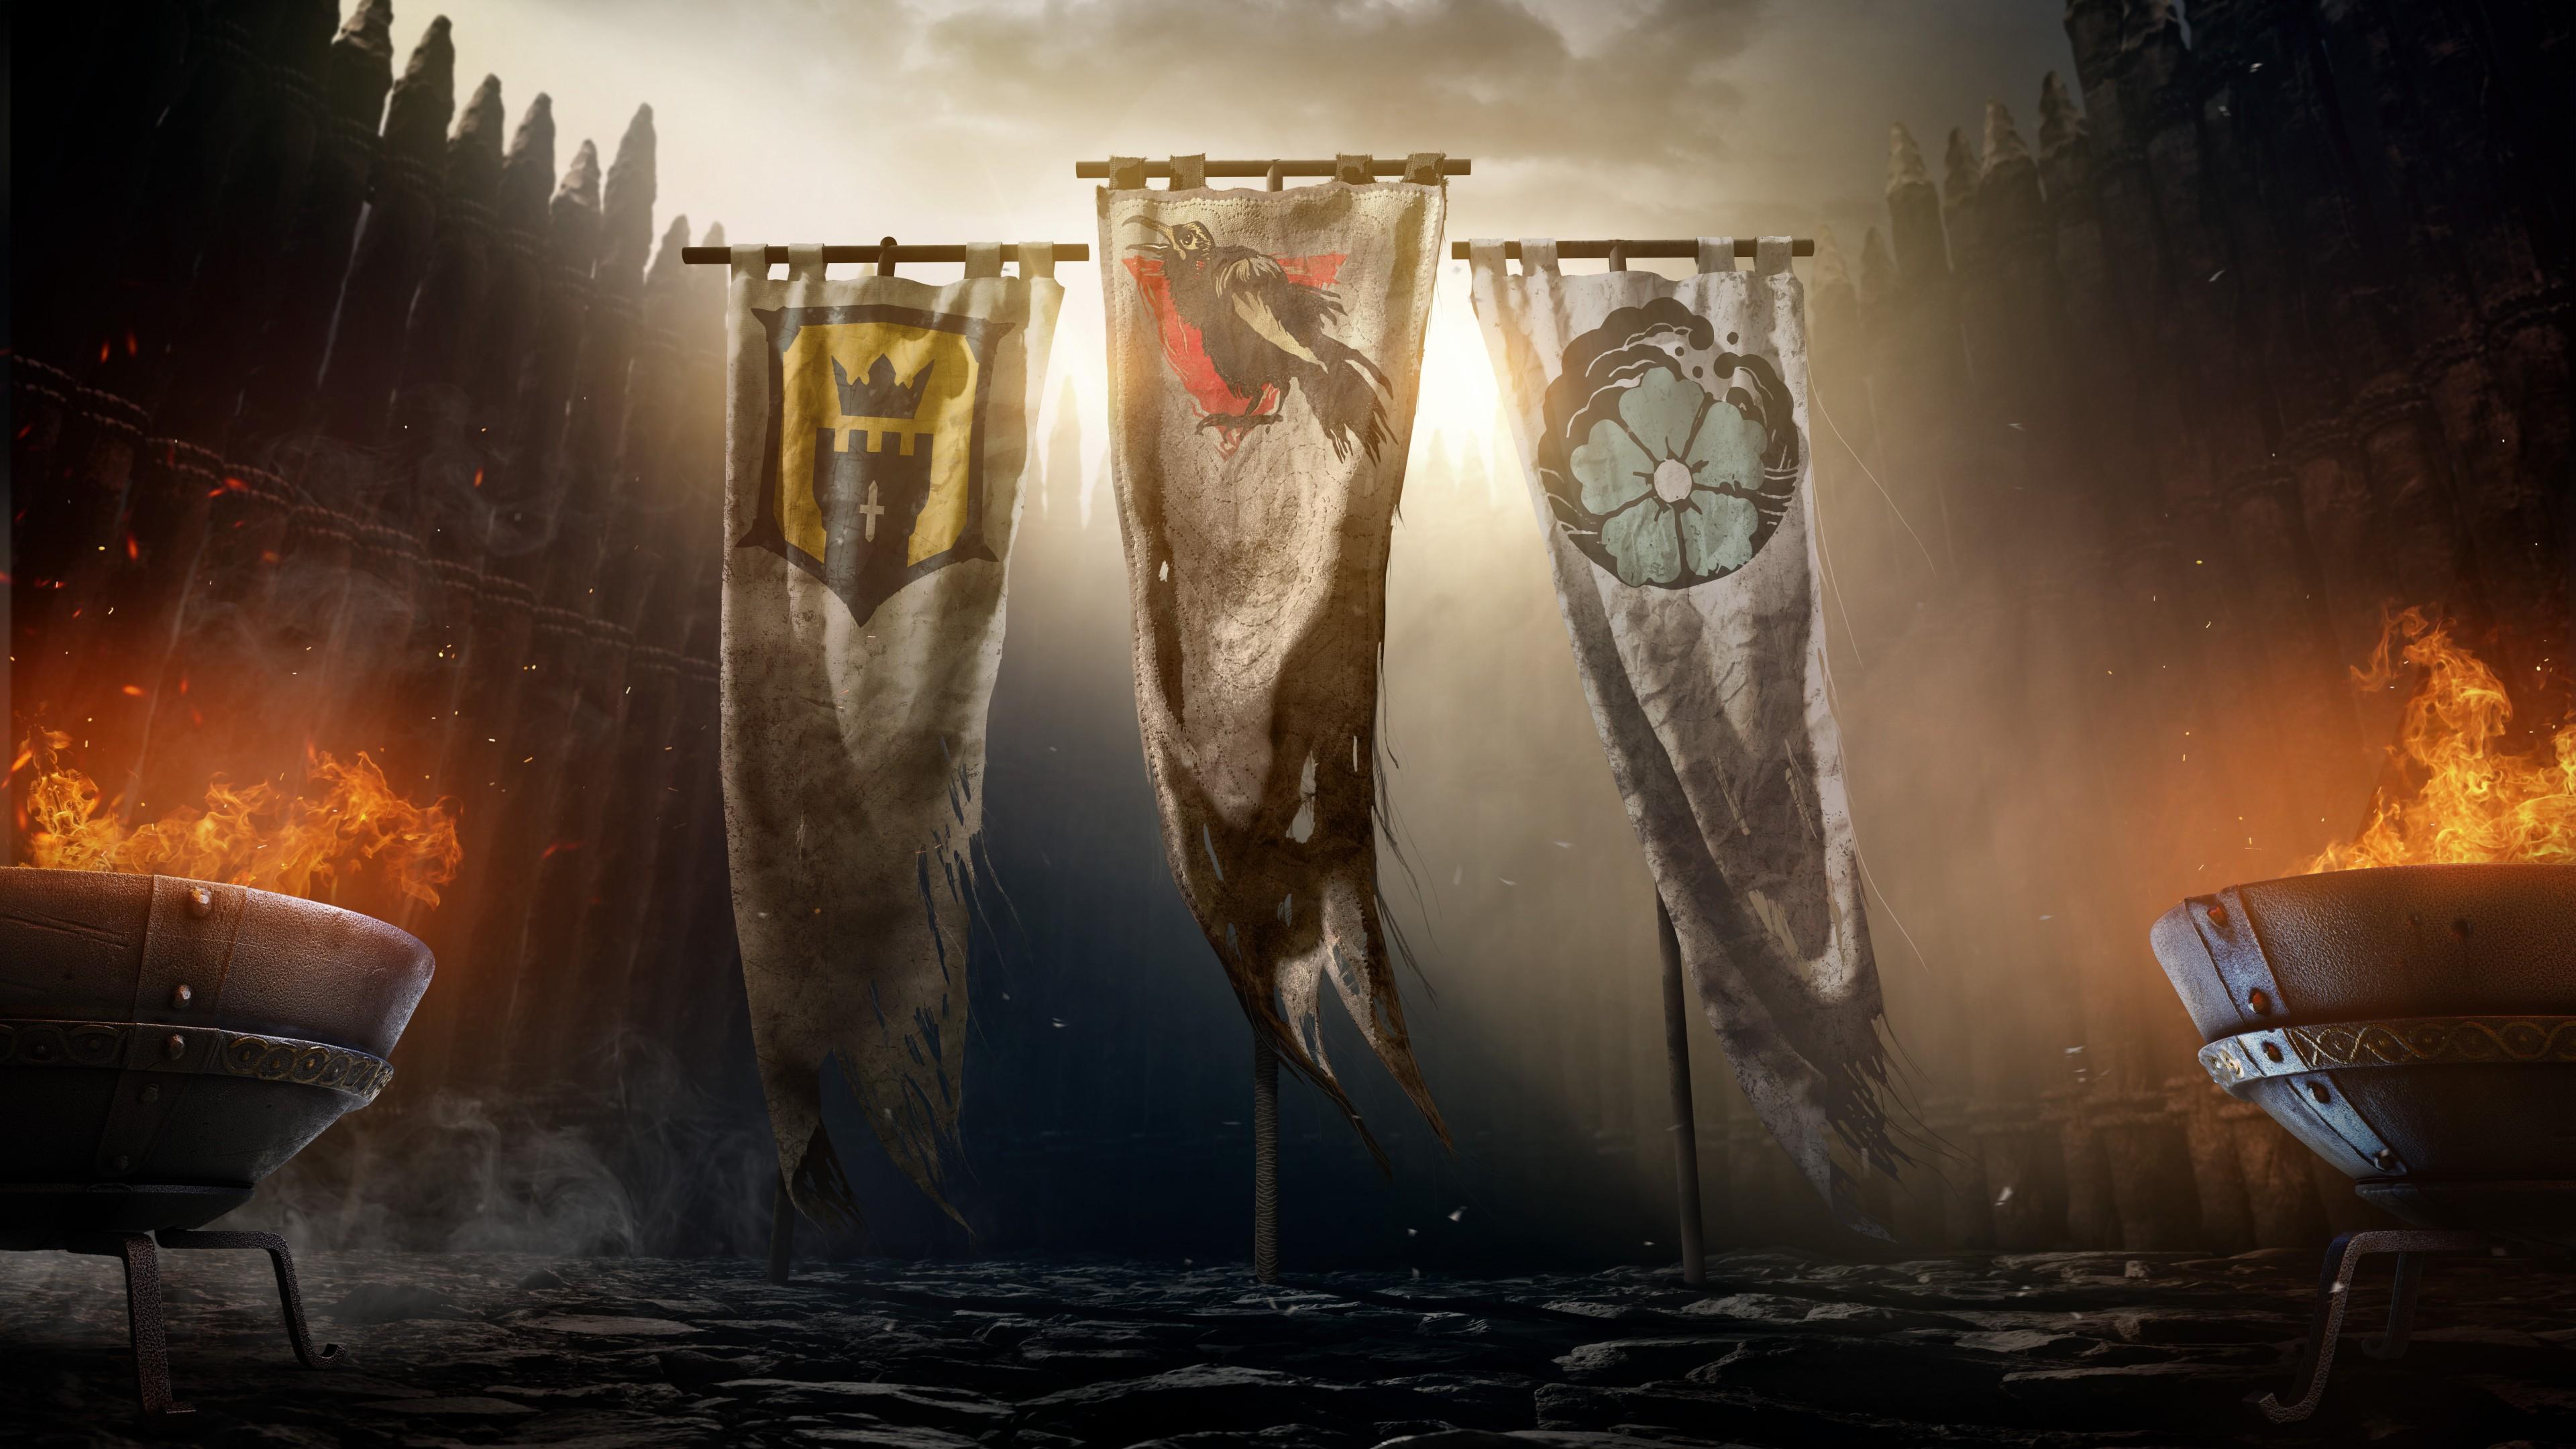 Три флага среди чугунных котлов с огненными языками пламени и искрами